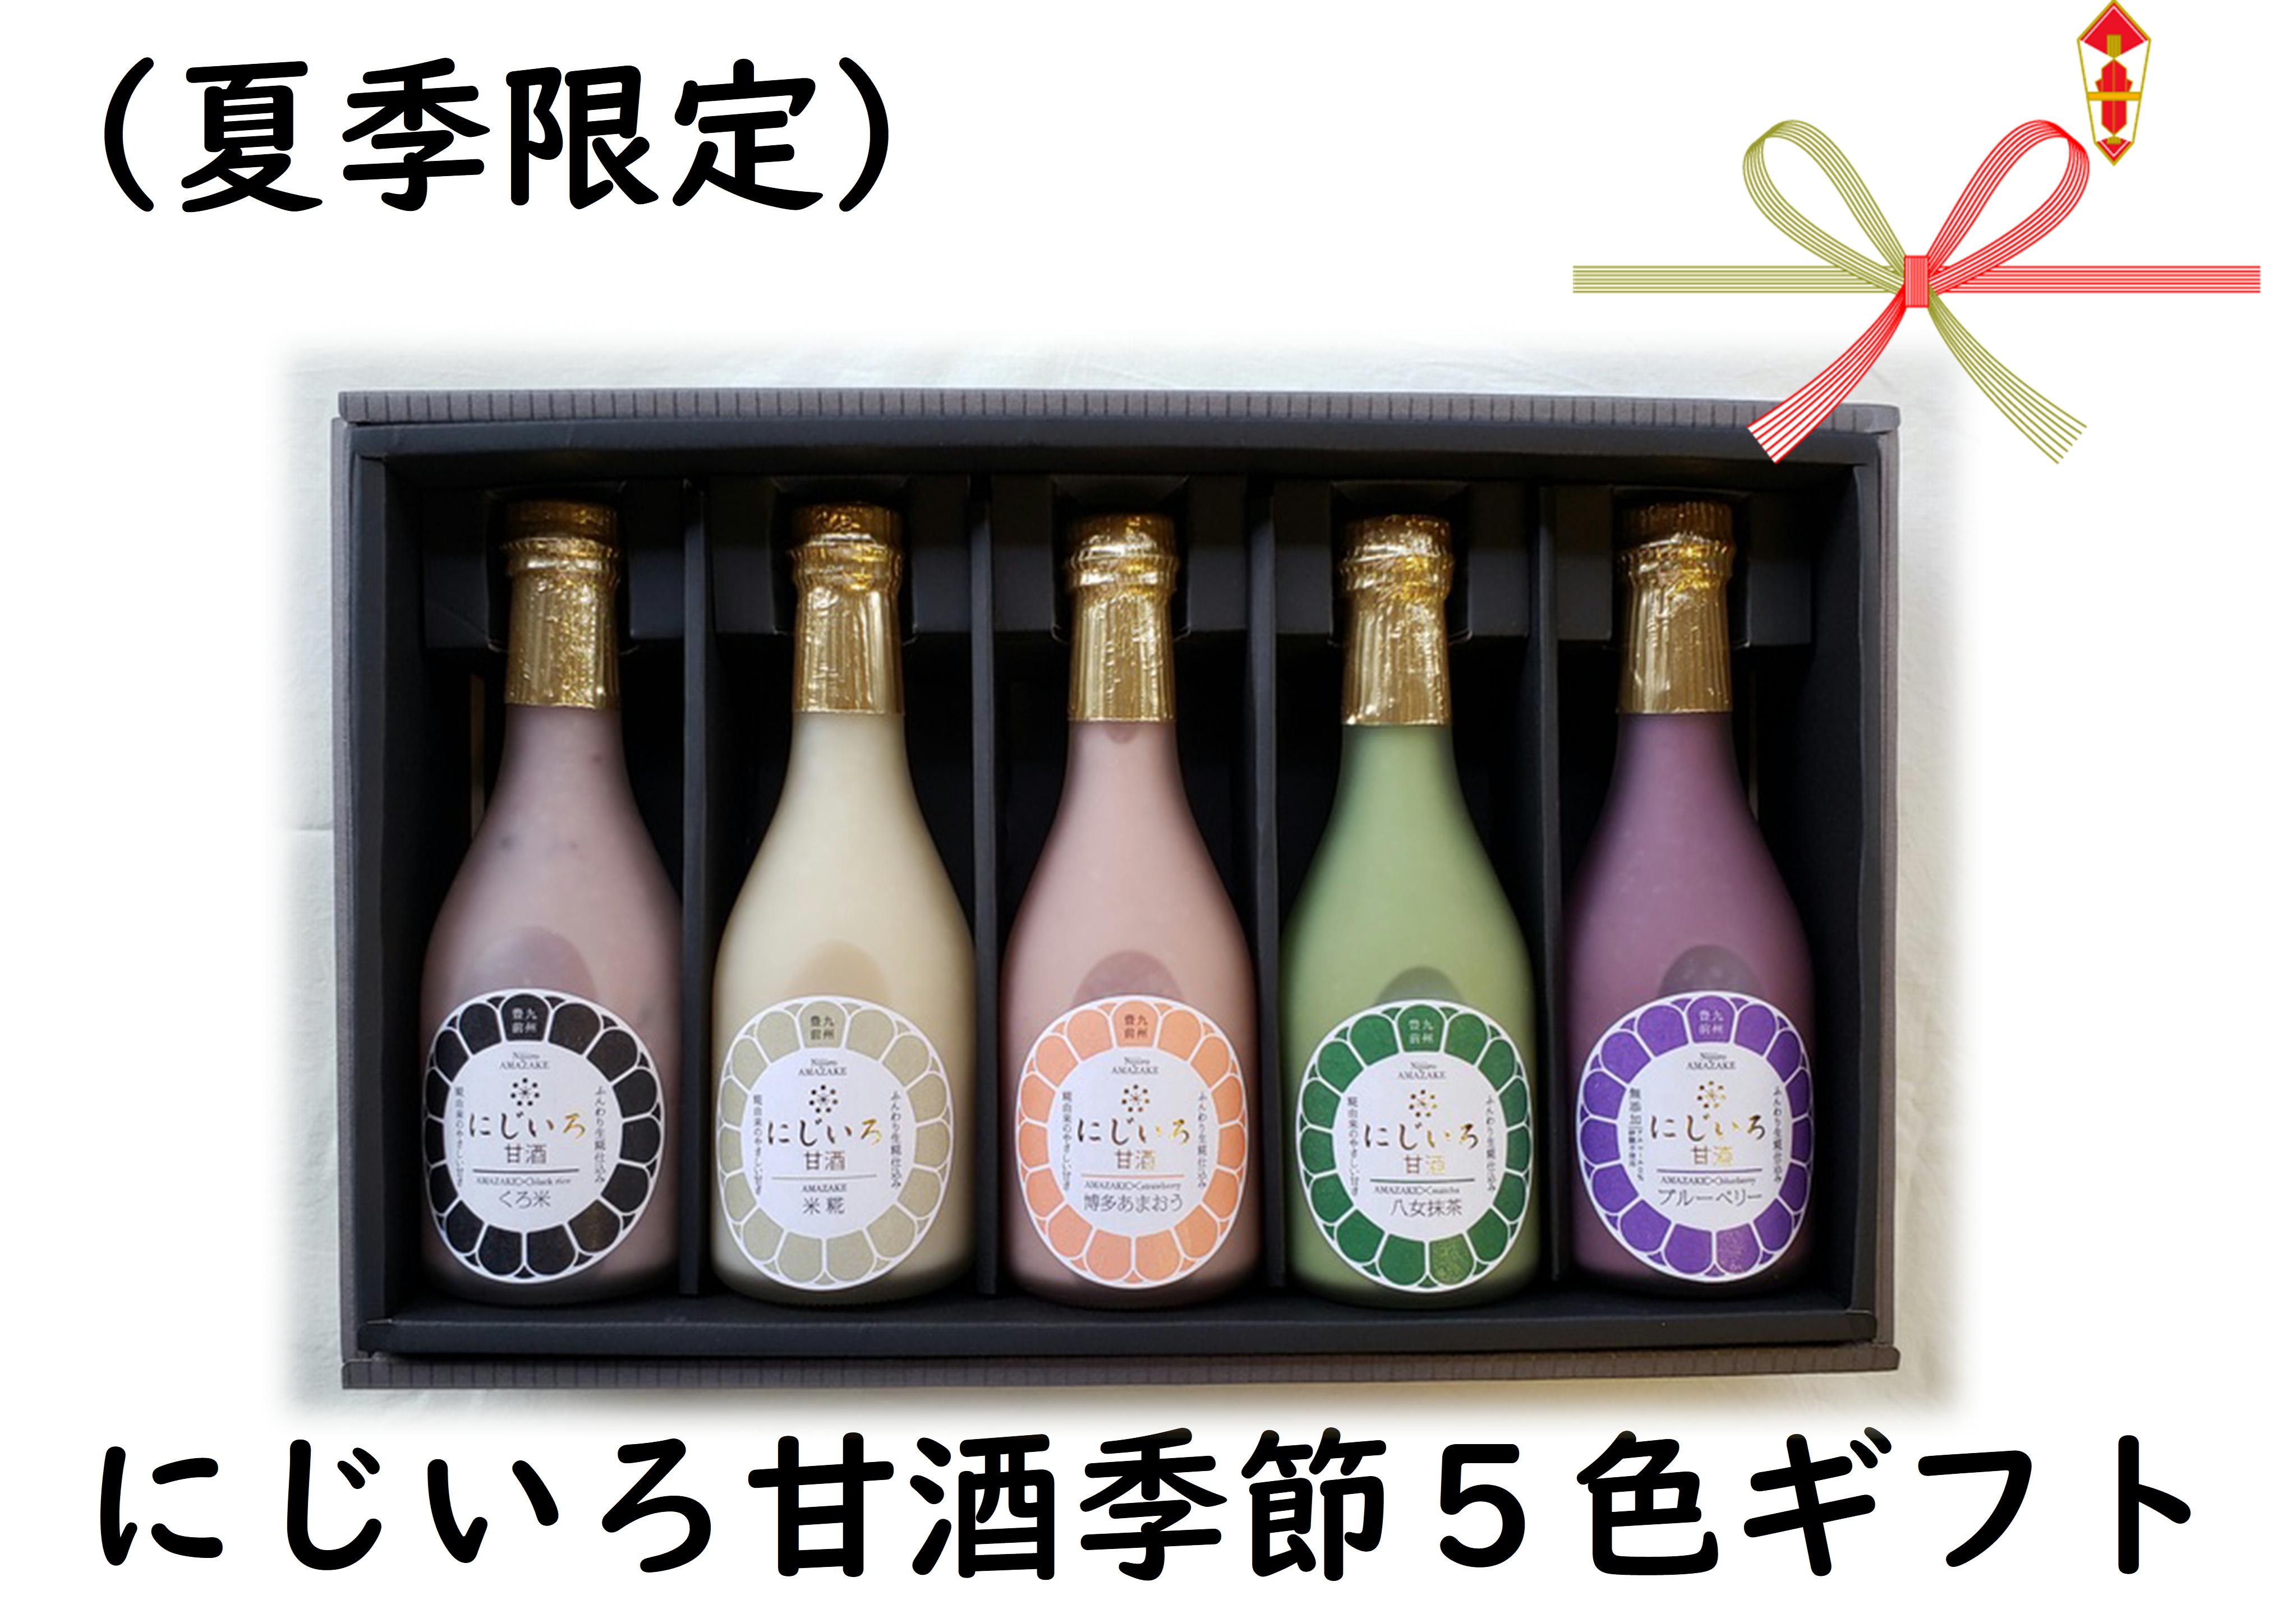 にじいろ甘酒夏の5色ギフトセット(博多あまおう・ブルーベリー・米糀・八女抹茶・くろ米)お中元、ギフトに